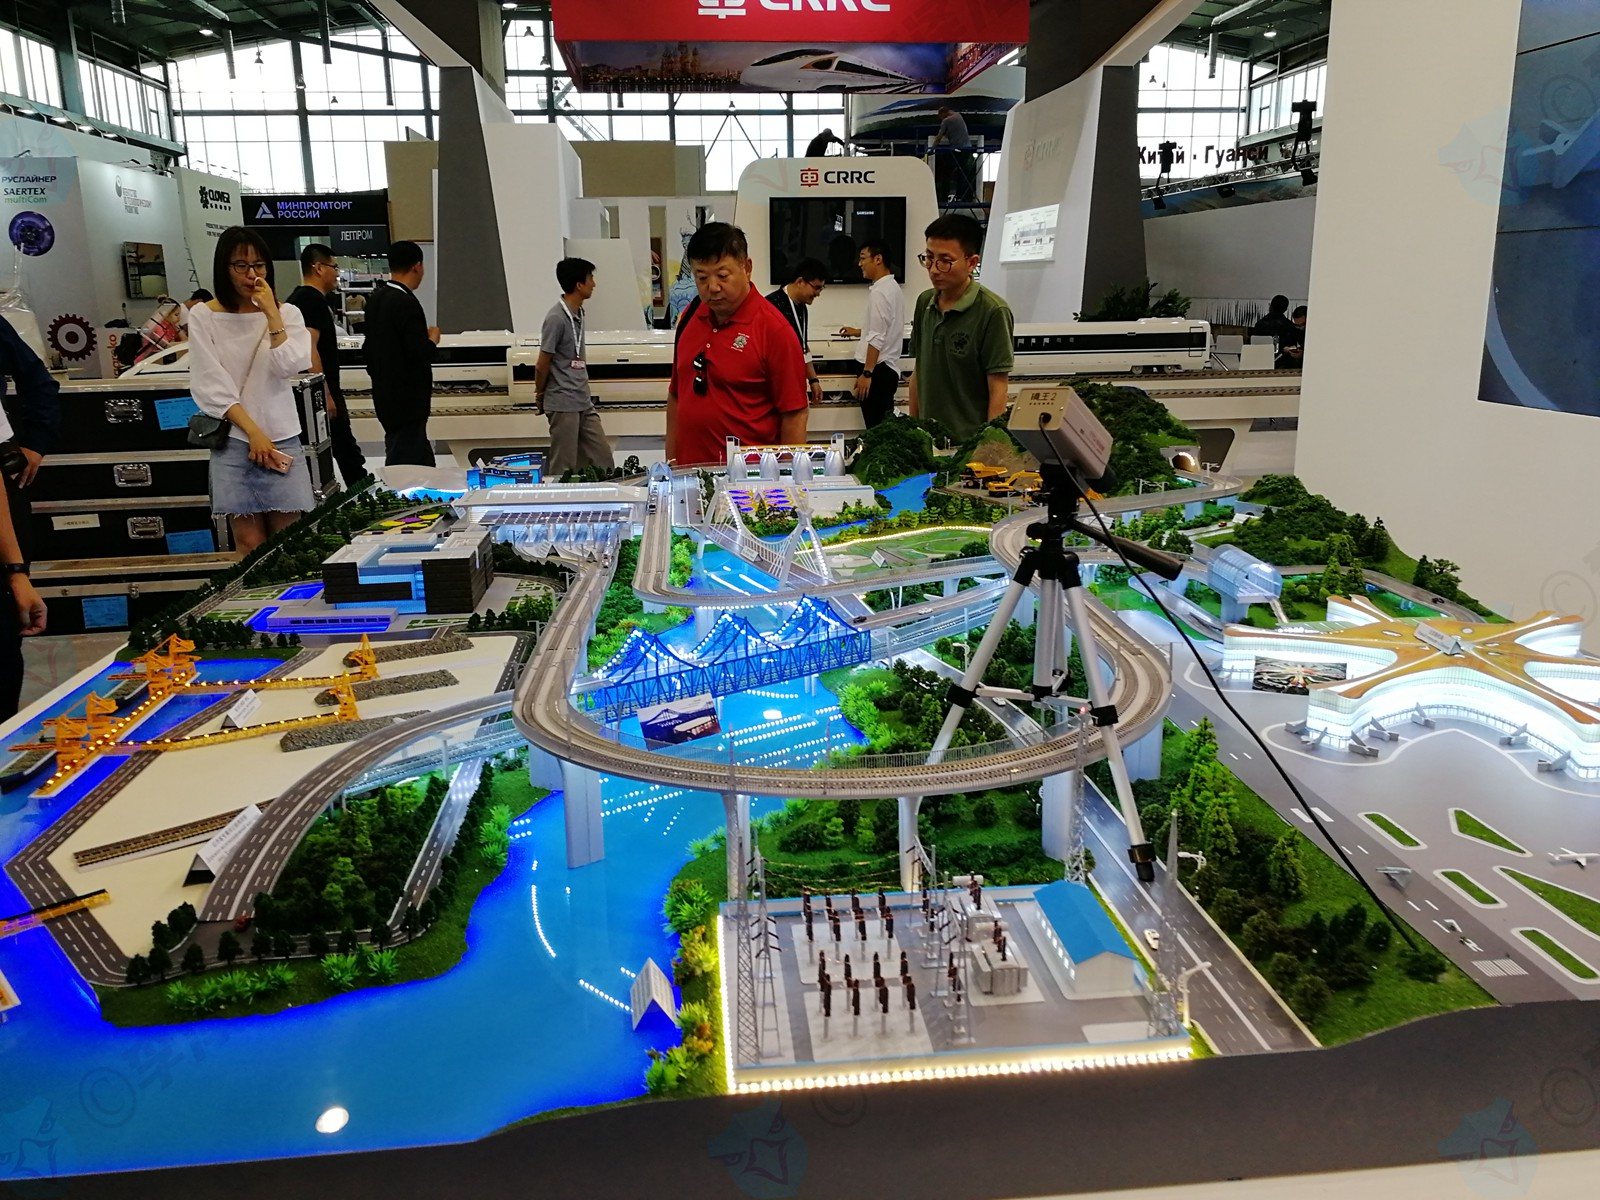 参加俄罗斯工业博览会(俄罗斯创新工业展)是什么体验?插图19-小狮座俄罗斯留学